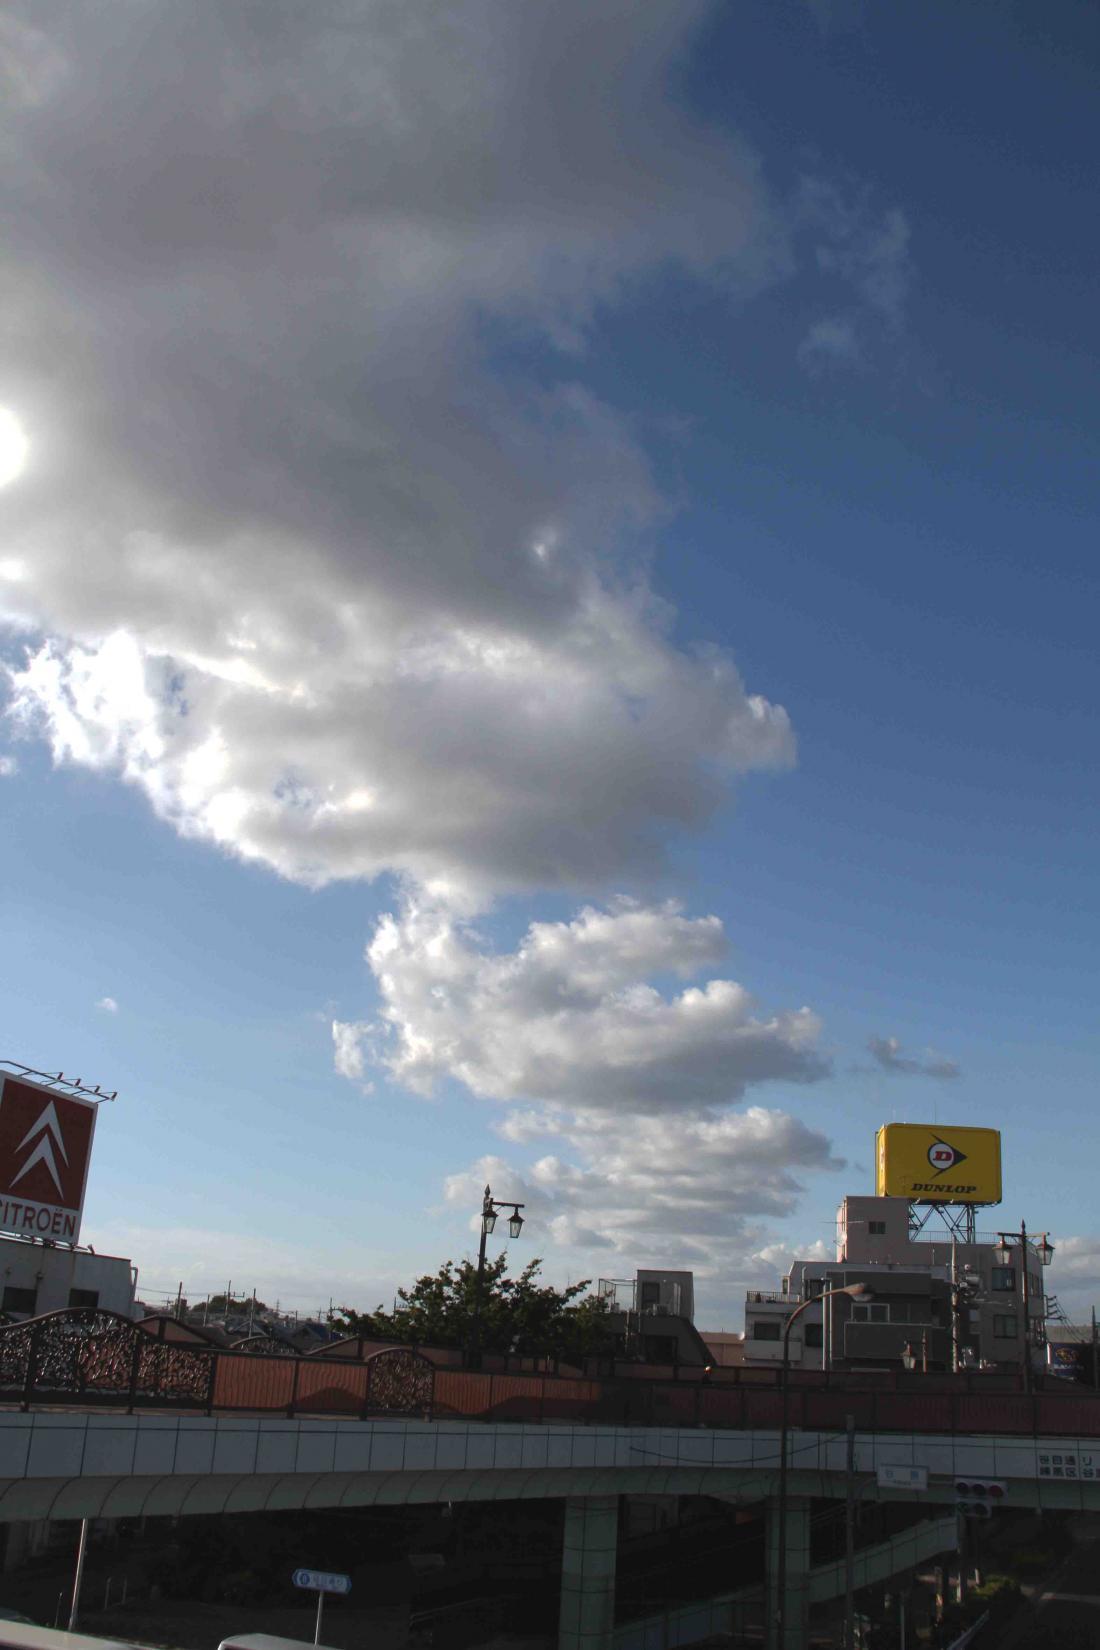 環八雲 20120819(8) 17時05分 谷原付近から和光方面